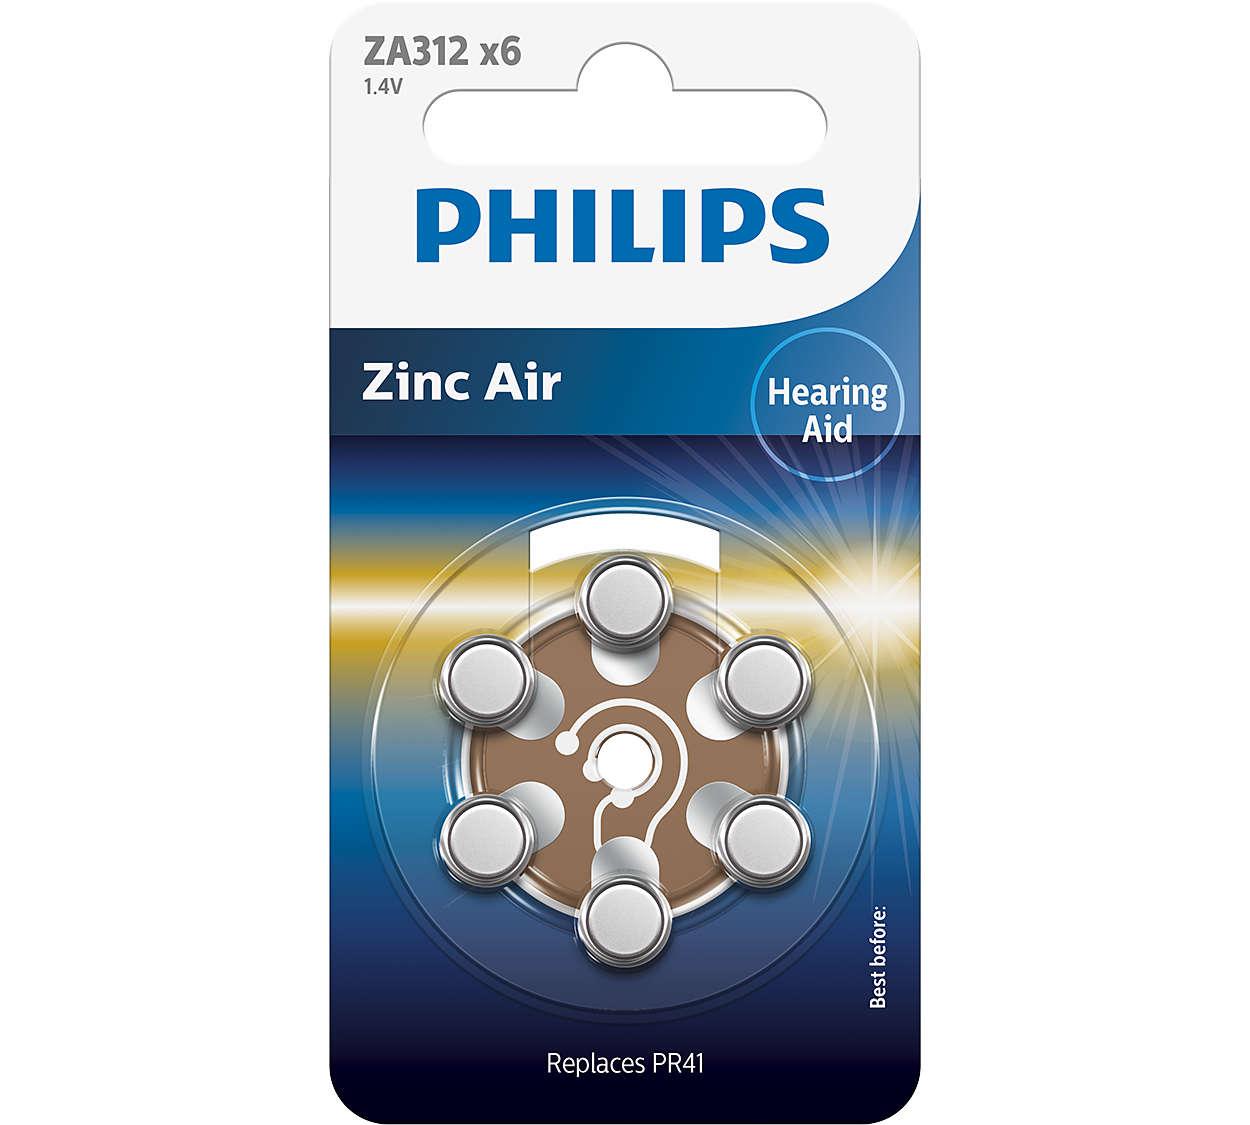 เทคโนโลยี Zinc-air คุณภาพสูงสุดสำหรับอุปกรณ์ช่วยฟัง